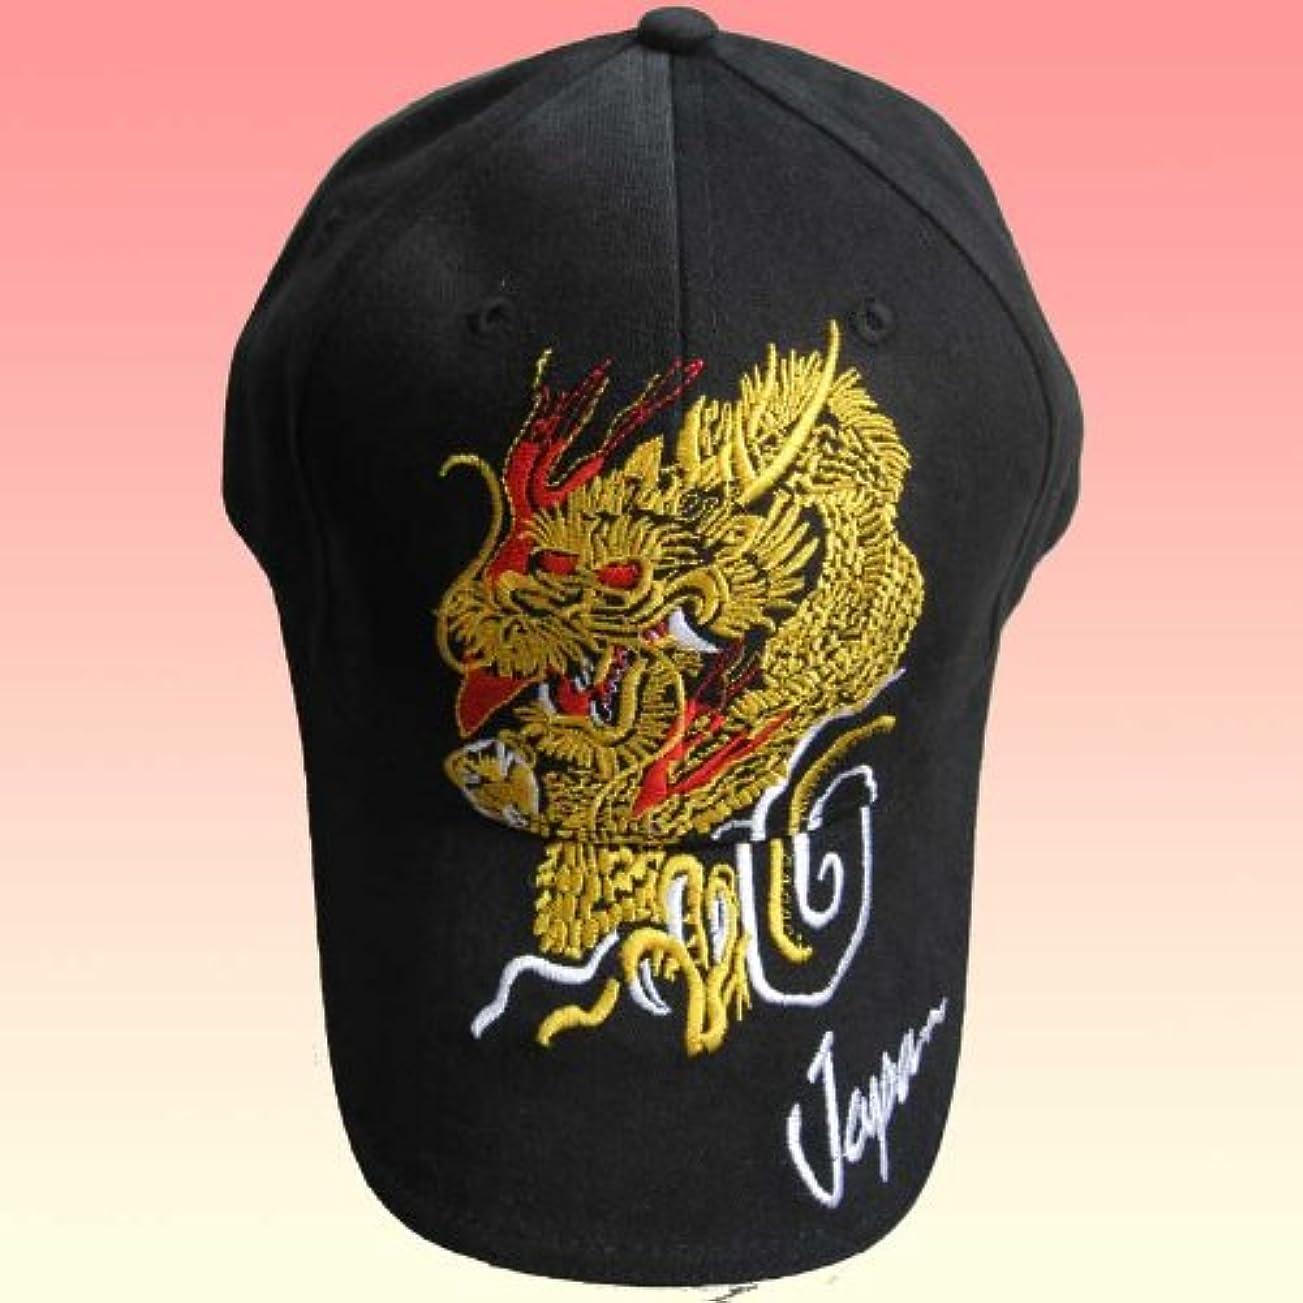 賠償終点複雑な立体刺繍和柄キャップ「黄金龍dragon」 黒 フリーサイズ(56-61cm)外人さんへの日本のおみやげに最適帽子